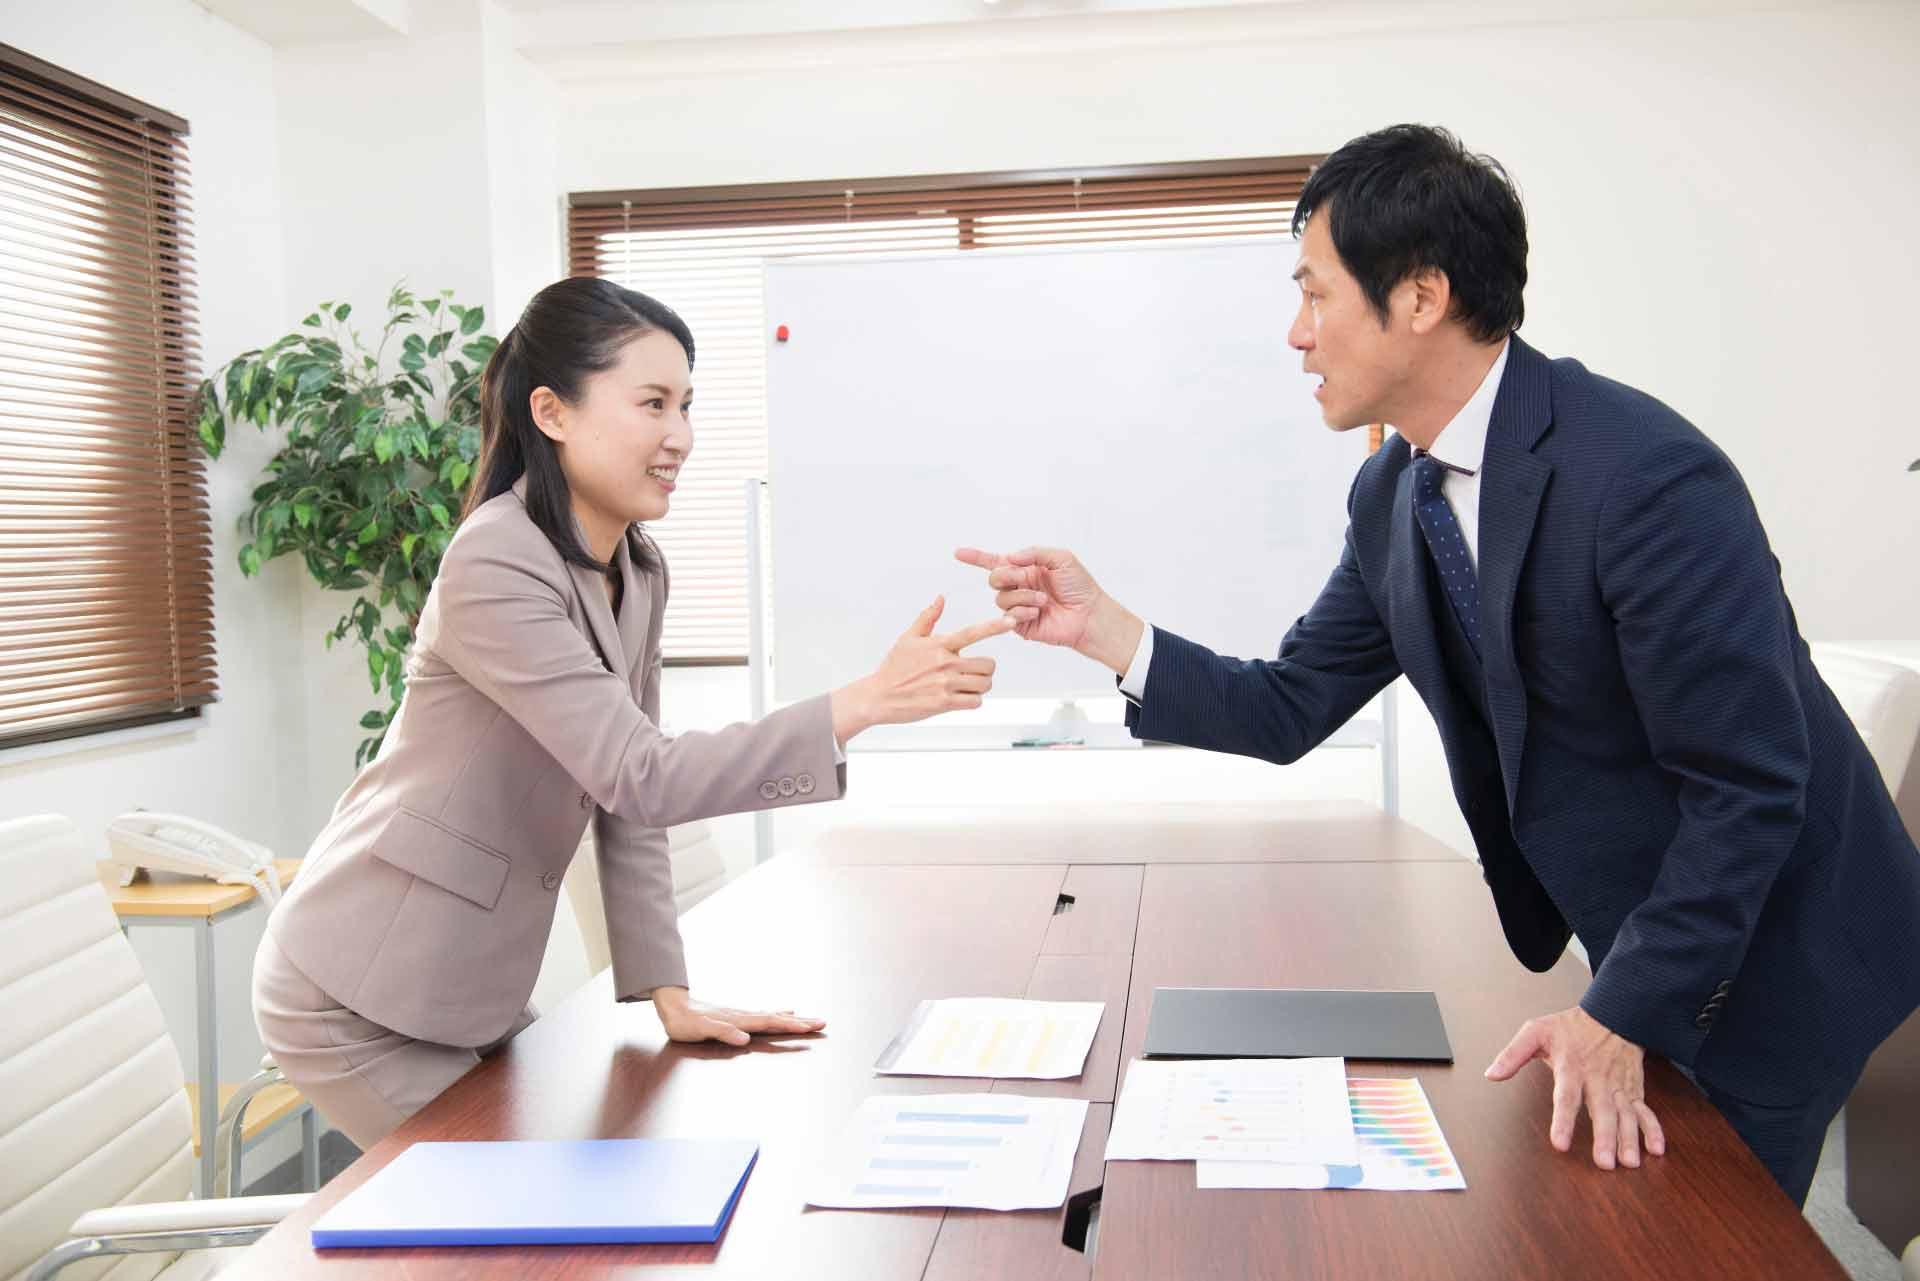 オフィスで指を指し合って言い合いしている男女